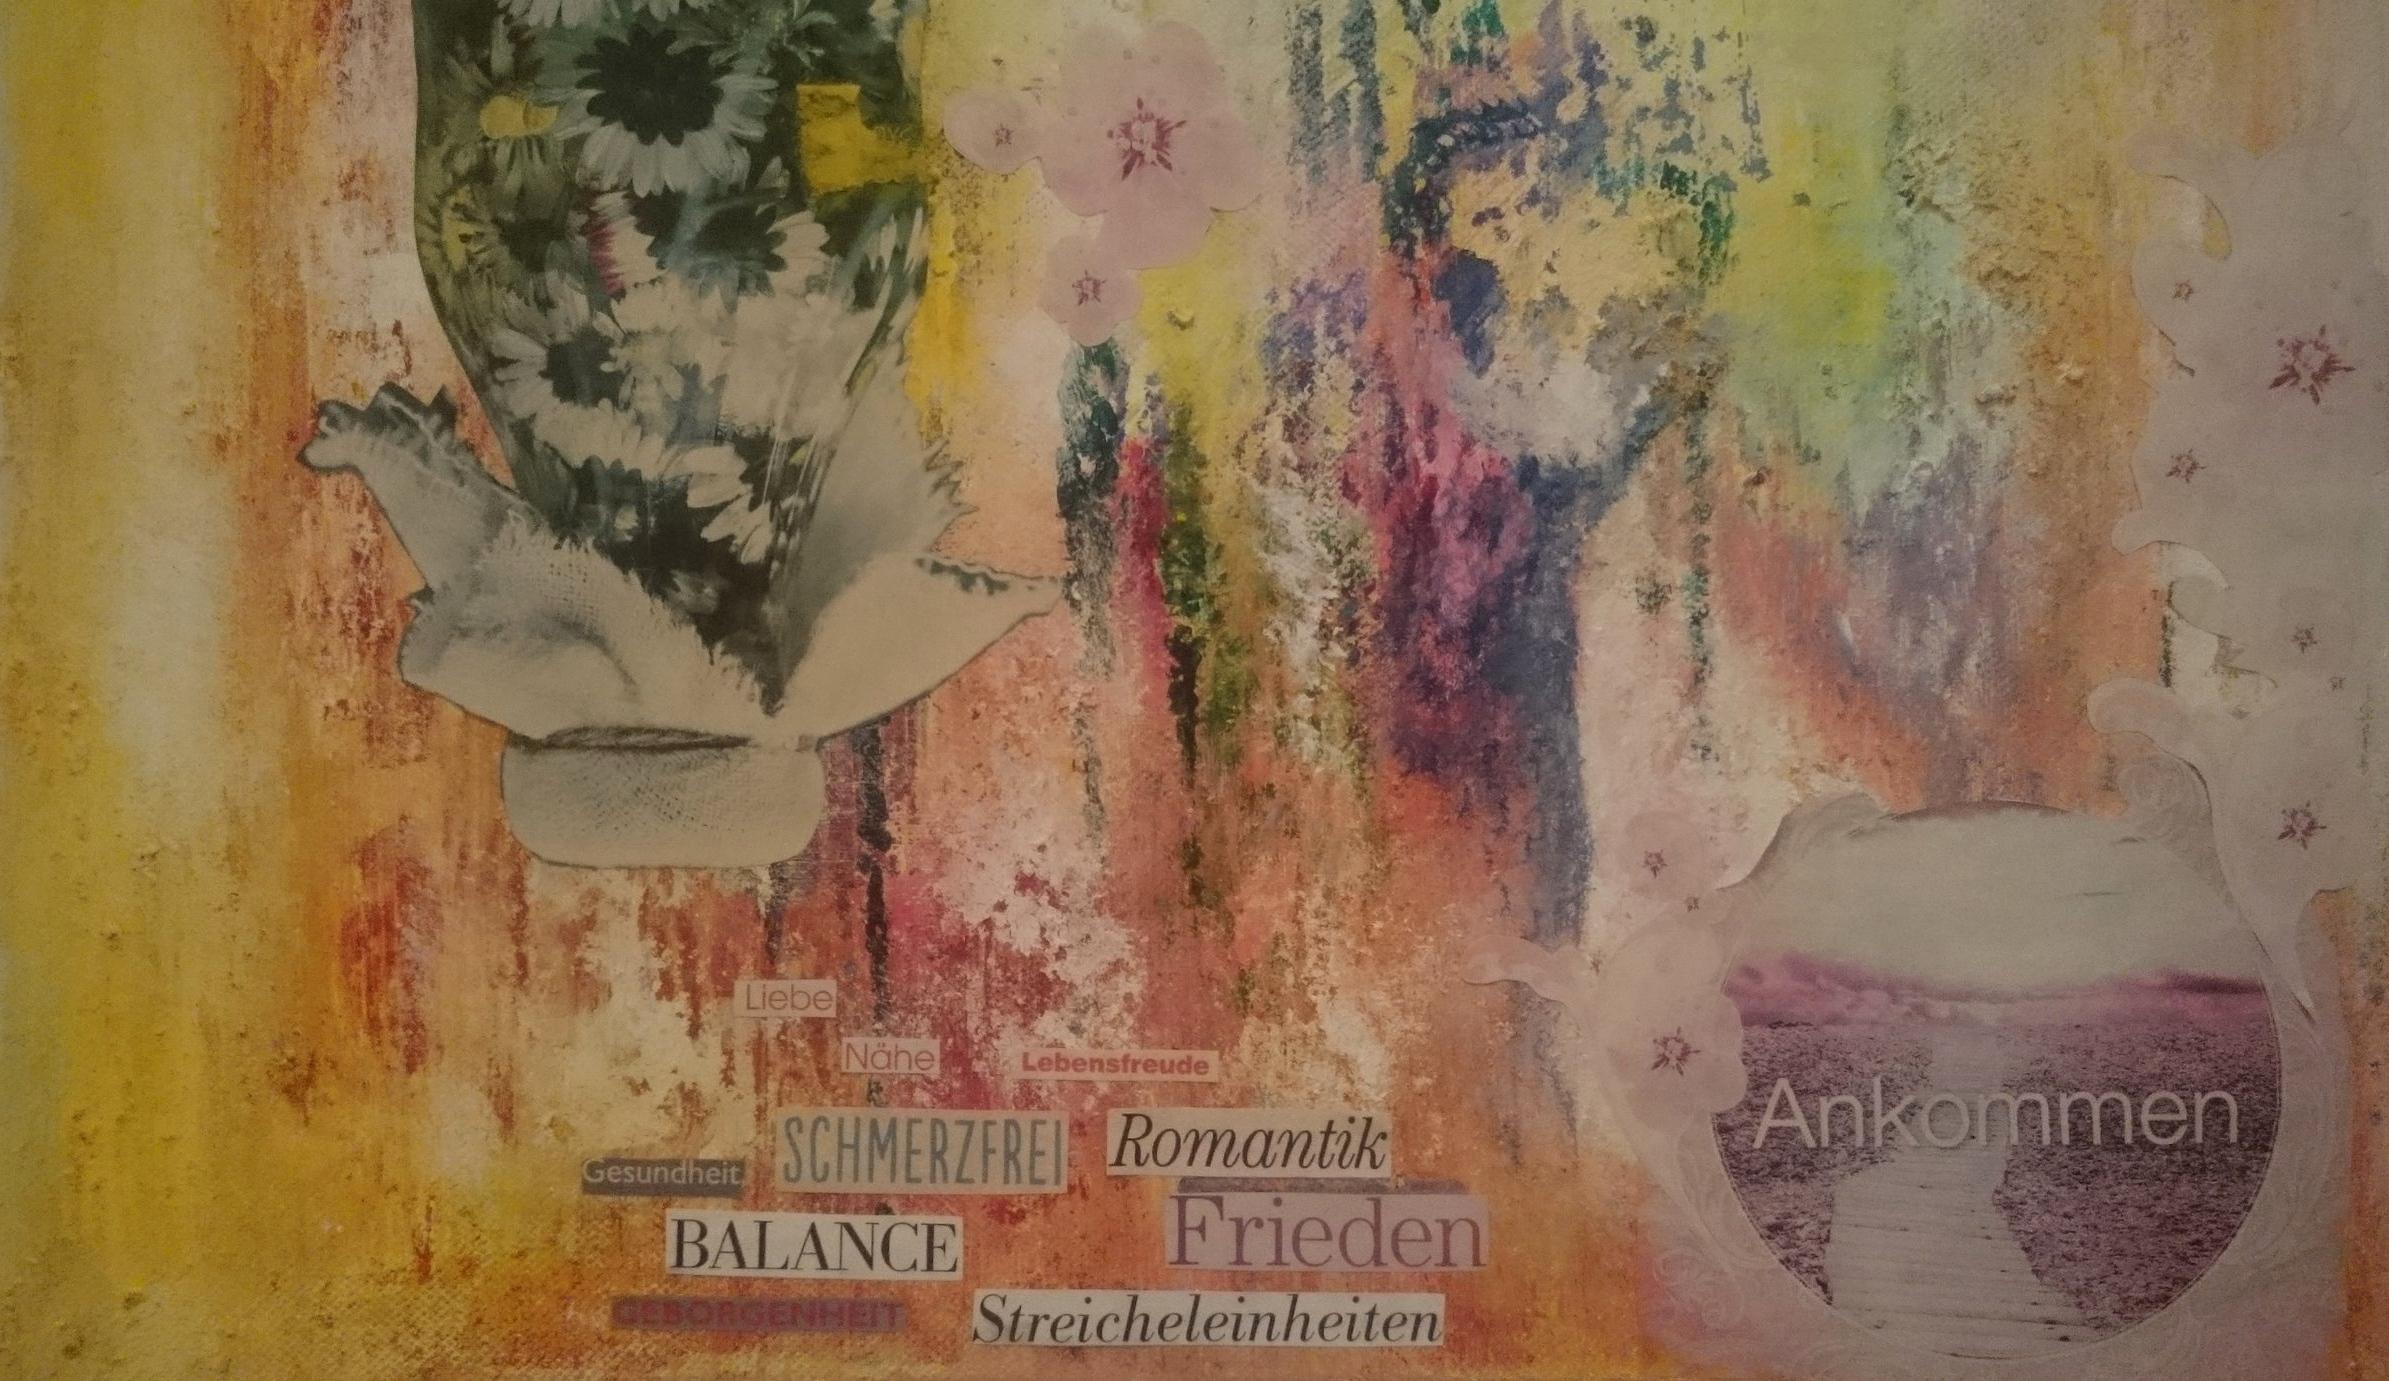 Collage, Gisela Schneider 2013